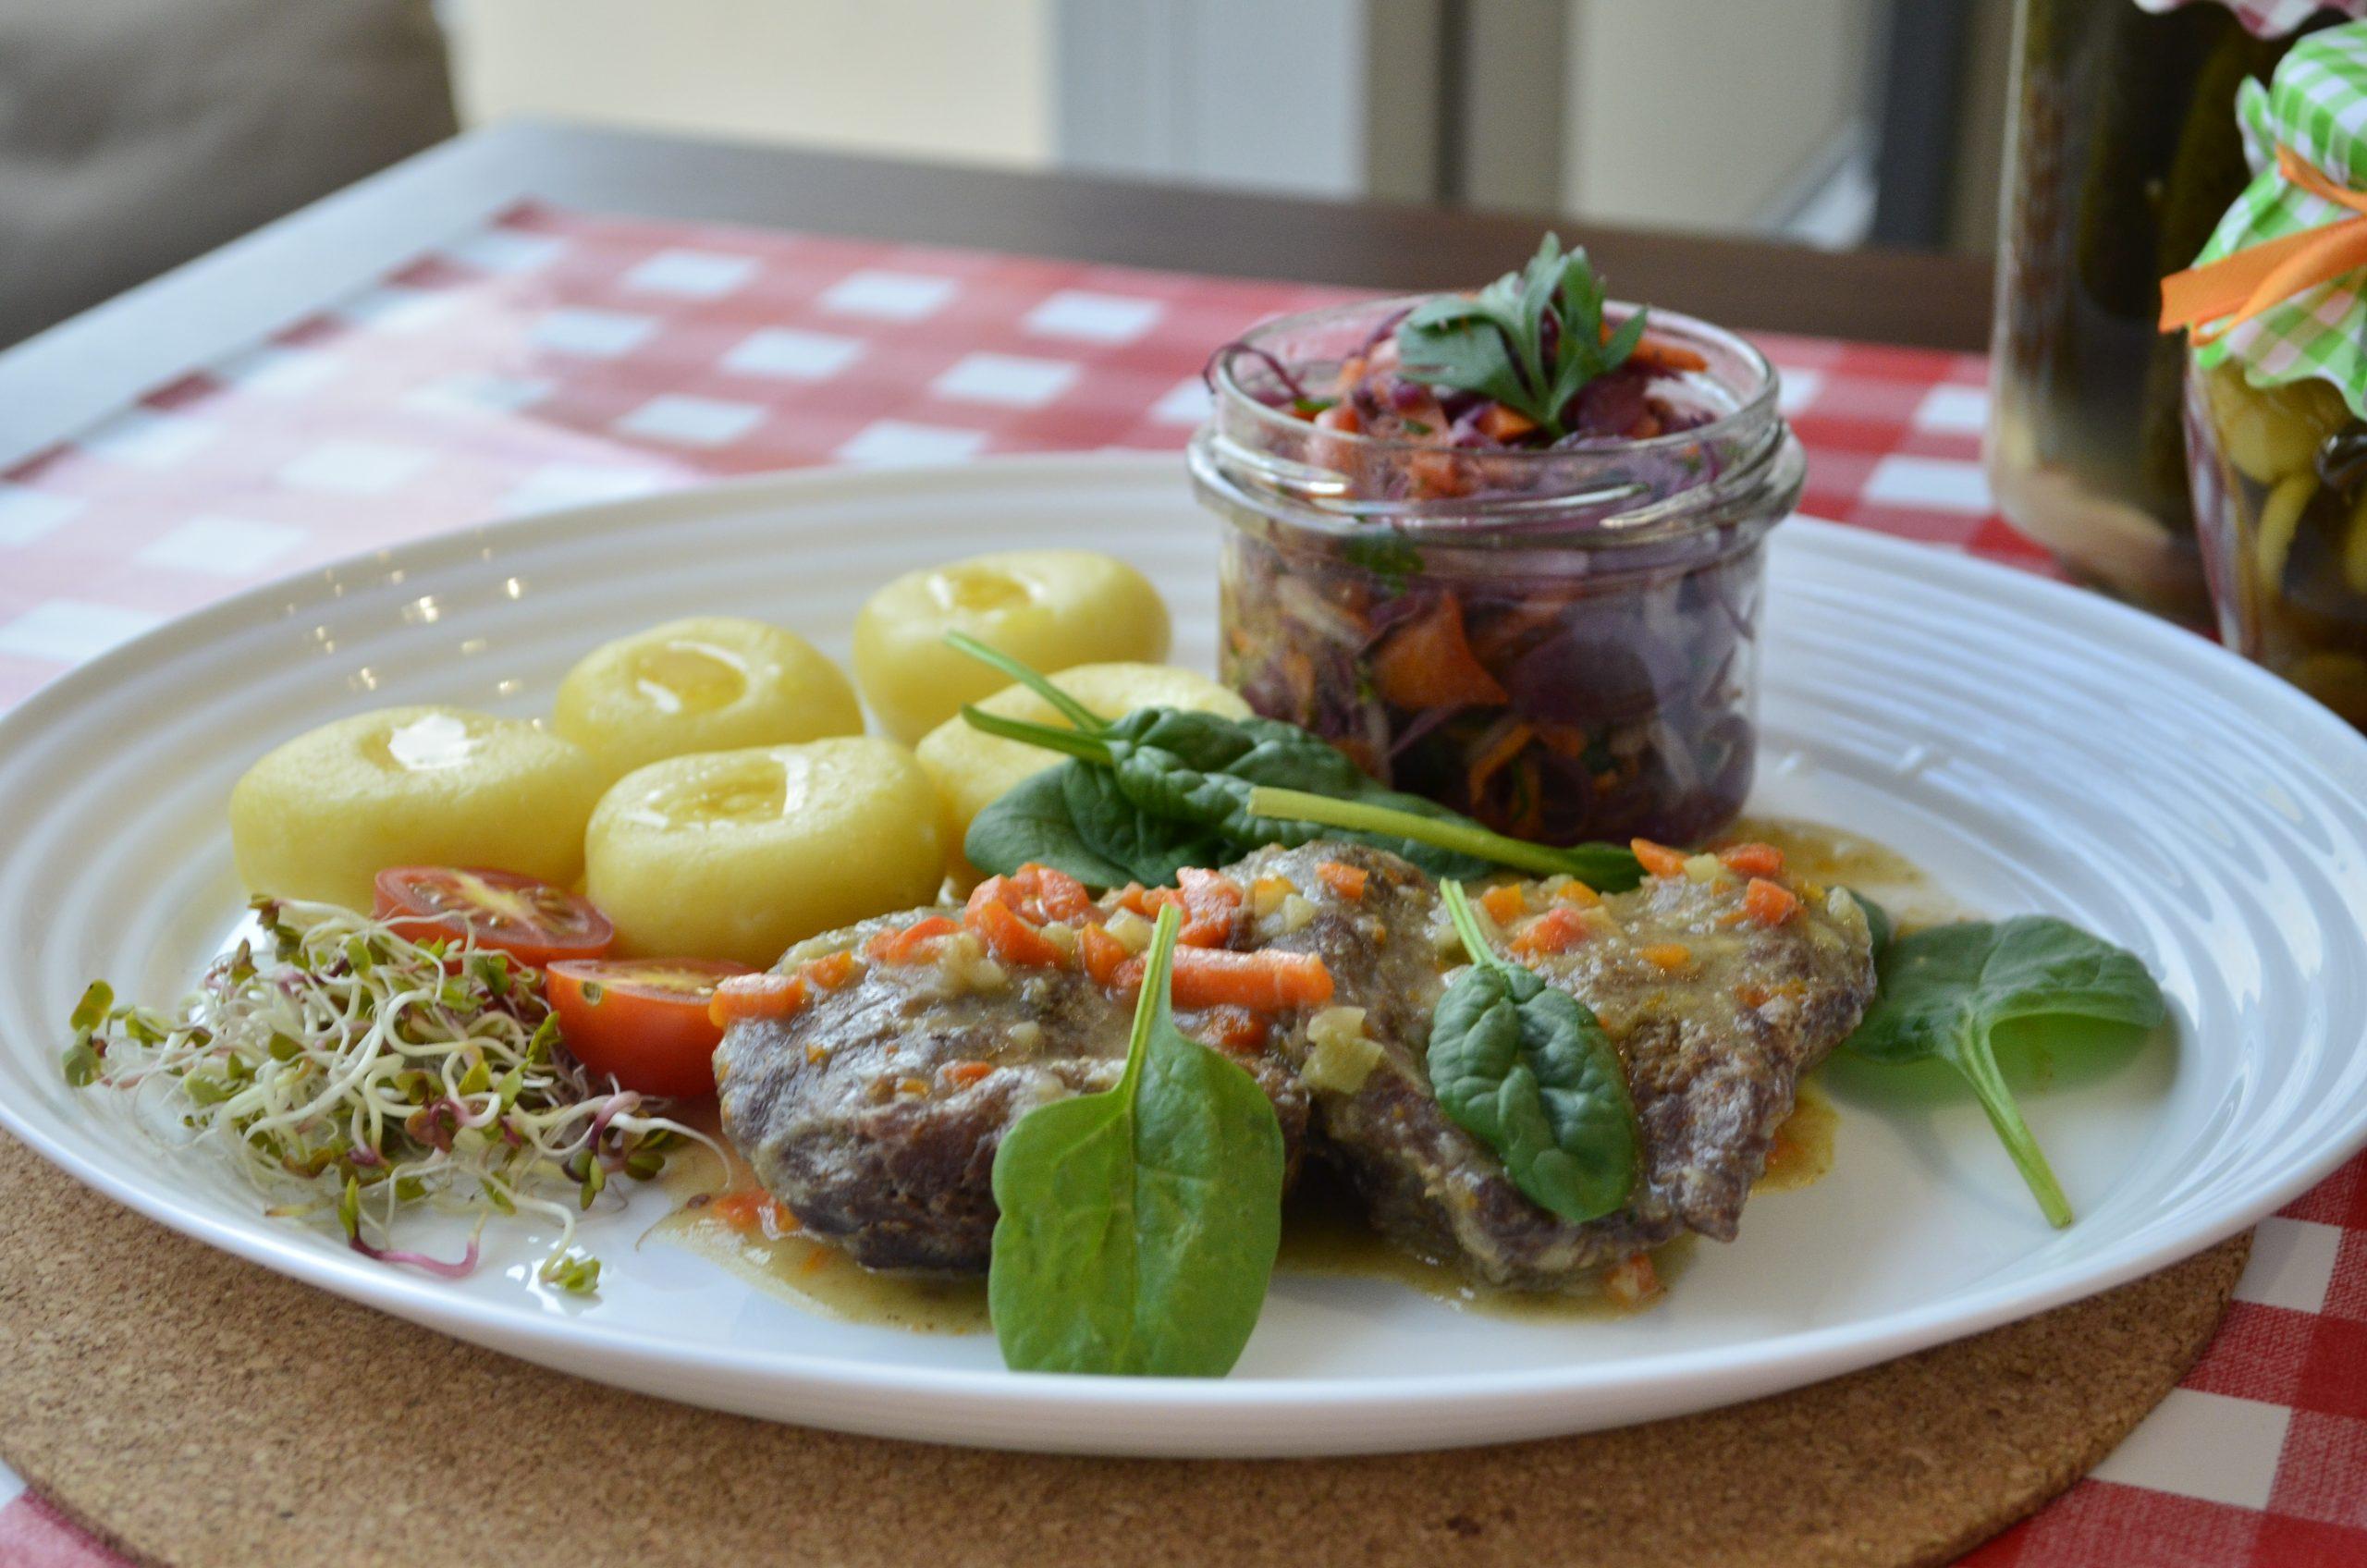 Bitki wołowe z kluskami i sałatkami - tanie i domowe obiady w Rzeszowie